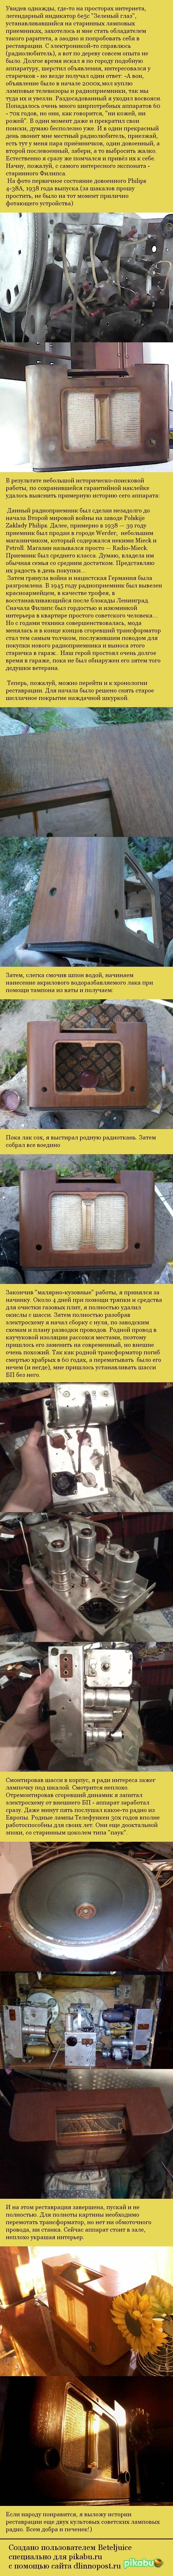 Ламповое безумие или как я стал реставратором-любителем Радио, Радиолампы, Радиоприемник, Ретро, Длиннопост